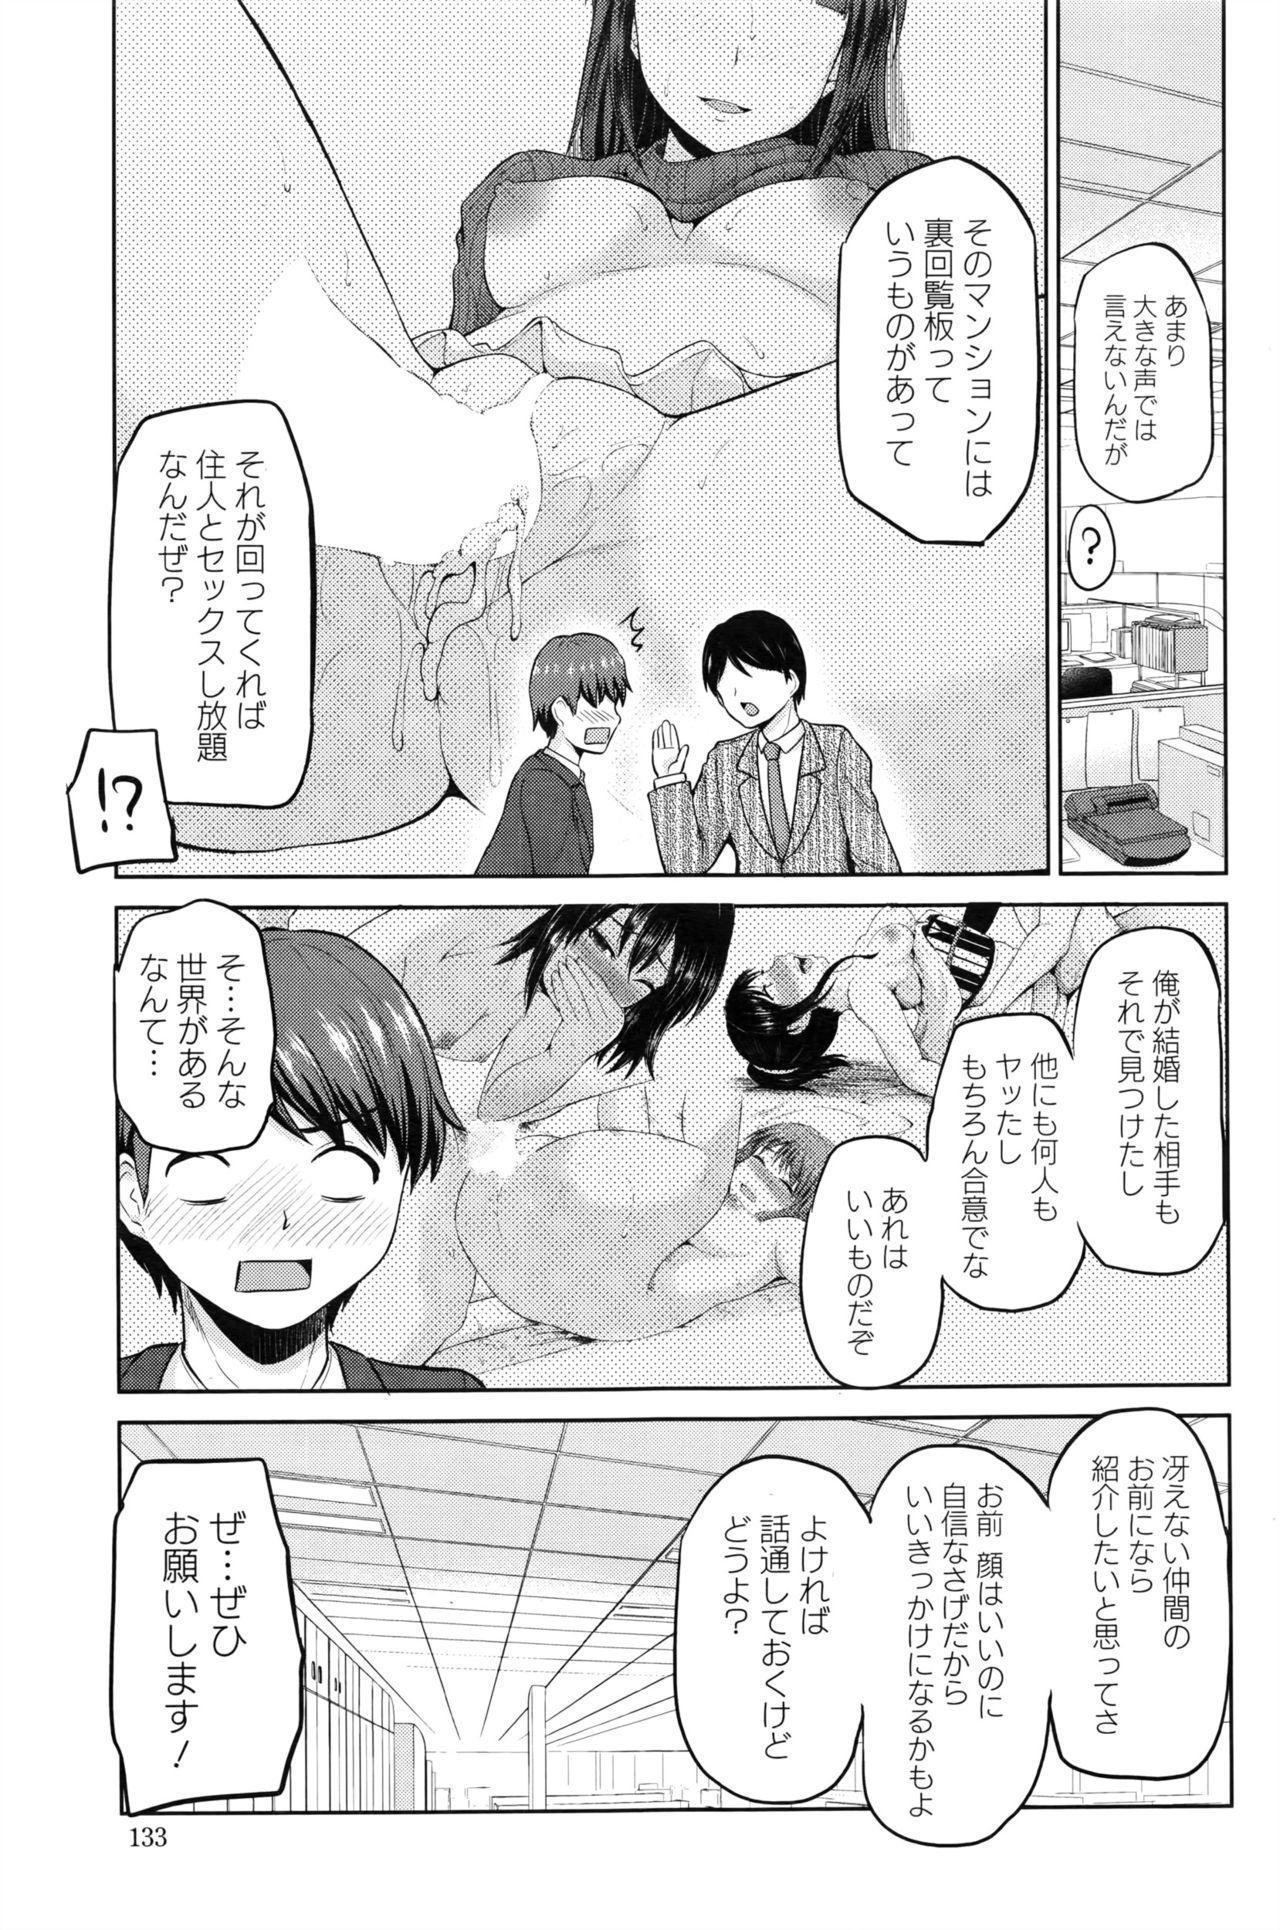 [Yano Toshinori] Motto Mawashite Ura-Kairanban Ch. 1-7 6